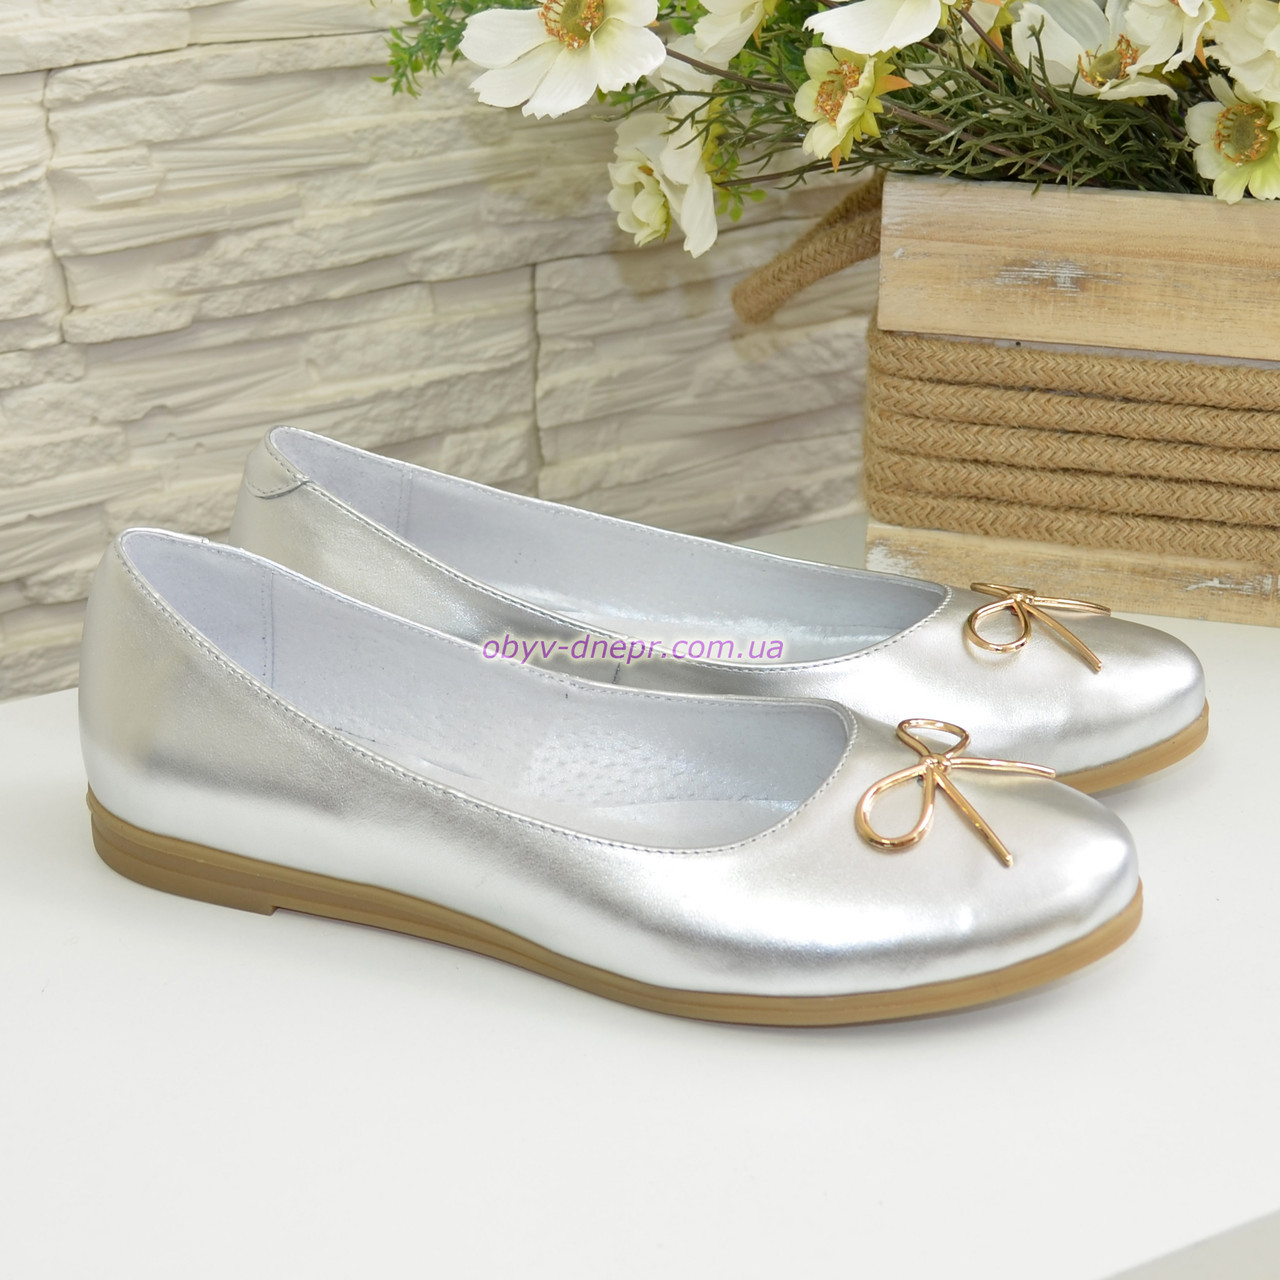 Туфли женские кожаные на низком ходу, цвет серебро